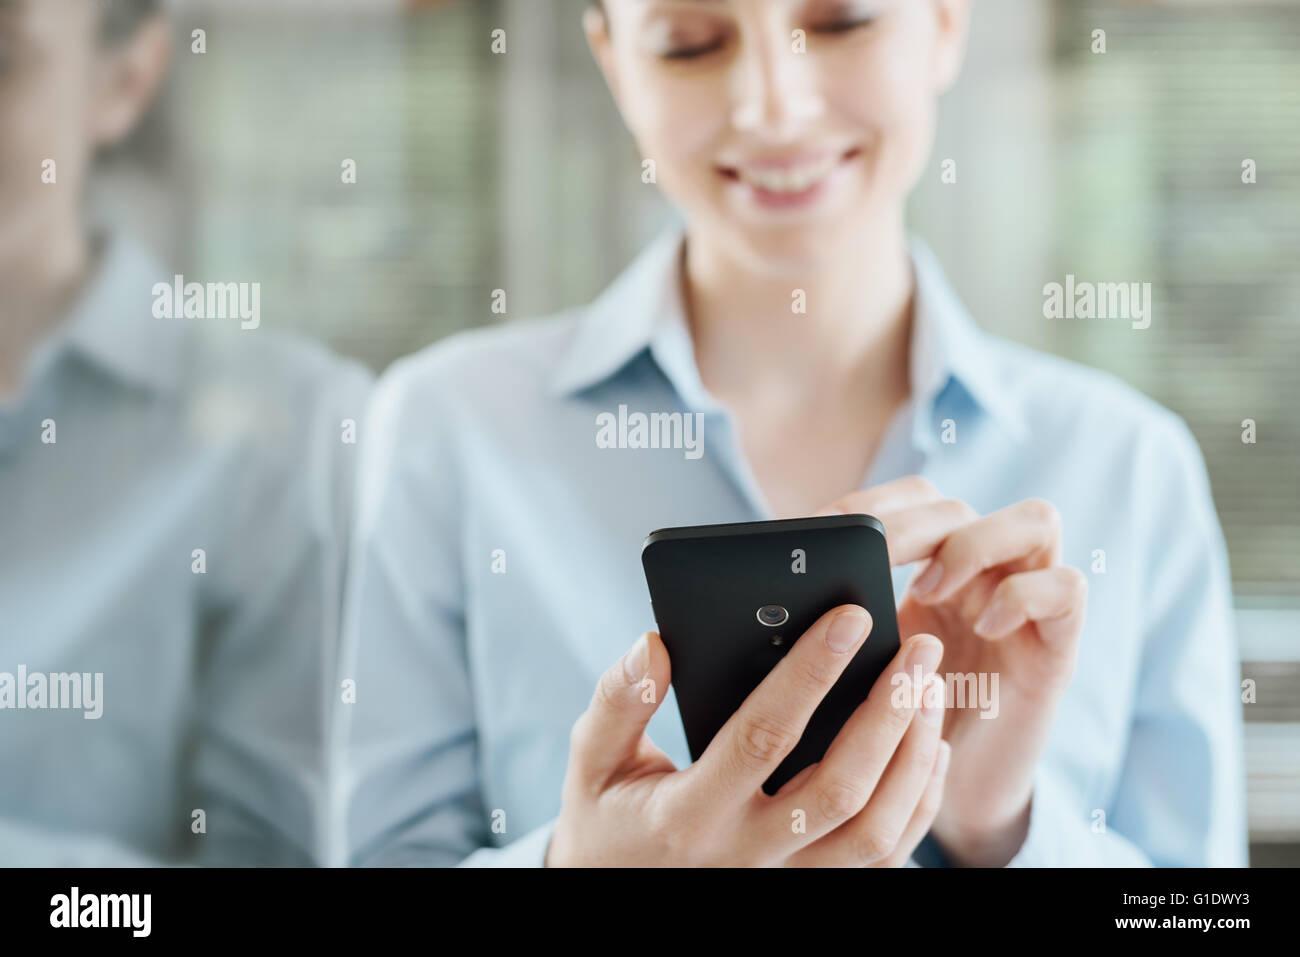 Schöne lächelnde junge Frau mit Hilfe ein smart Phone, stützte sich auf ein Fenster und Glas reflektieren Stockbild